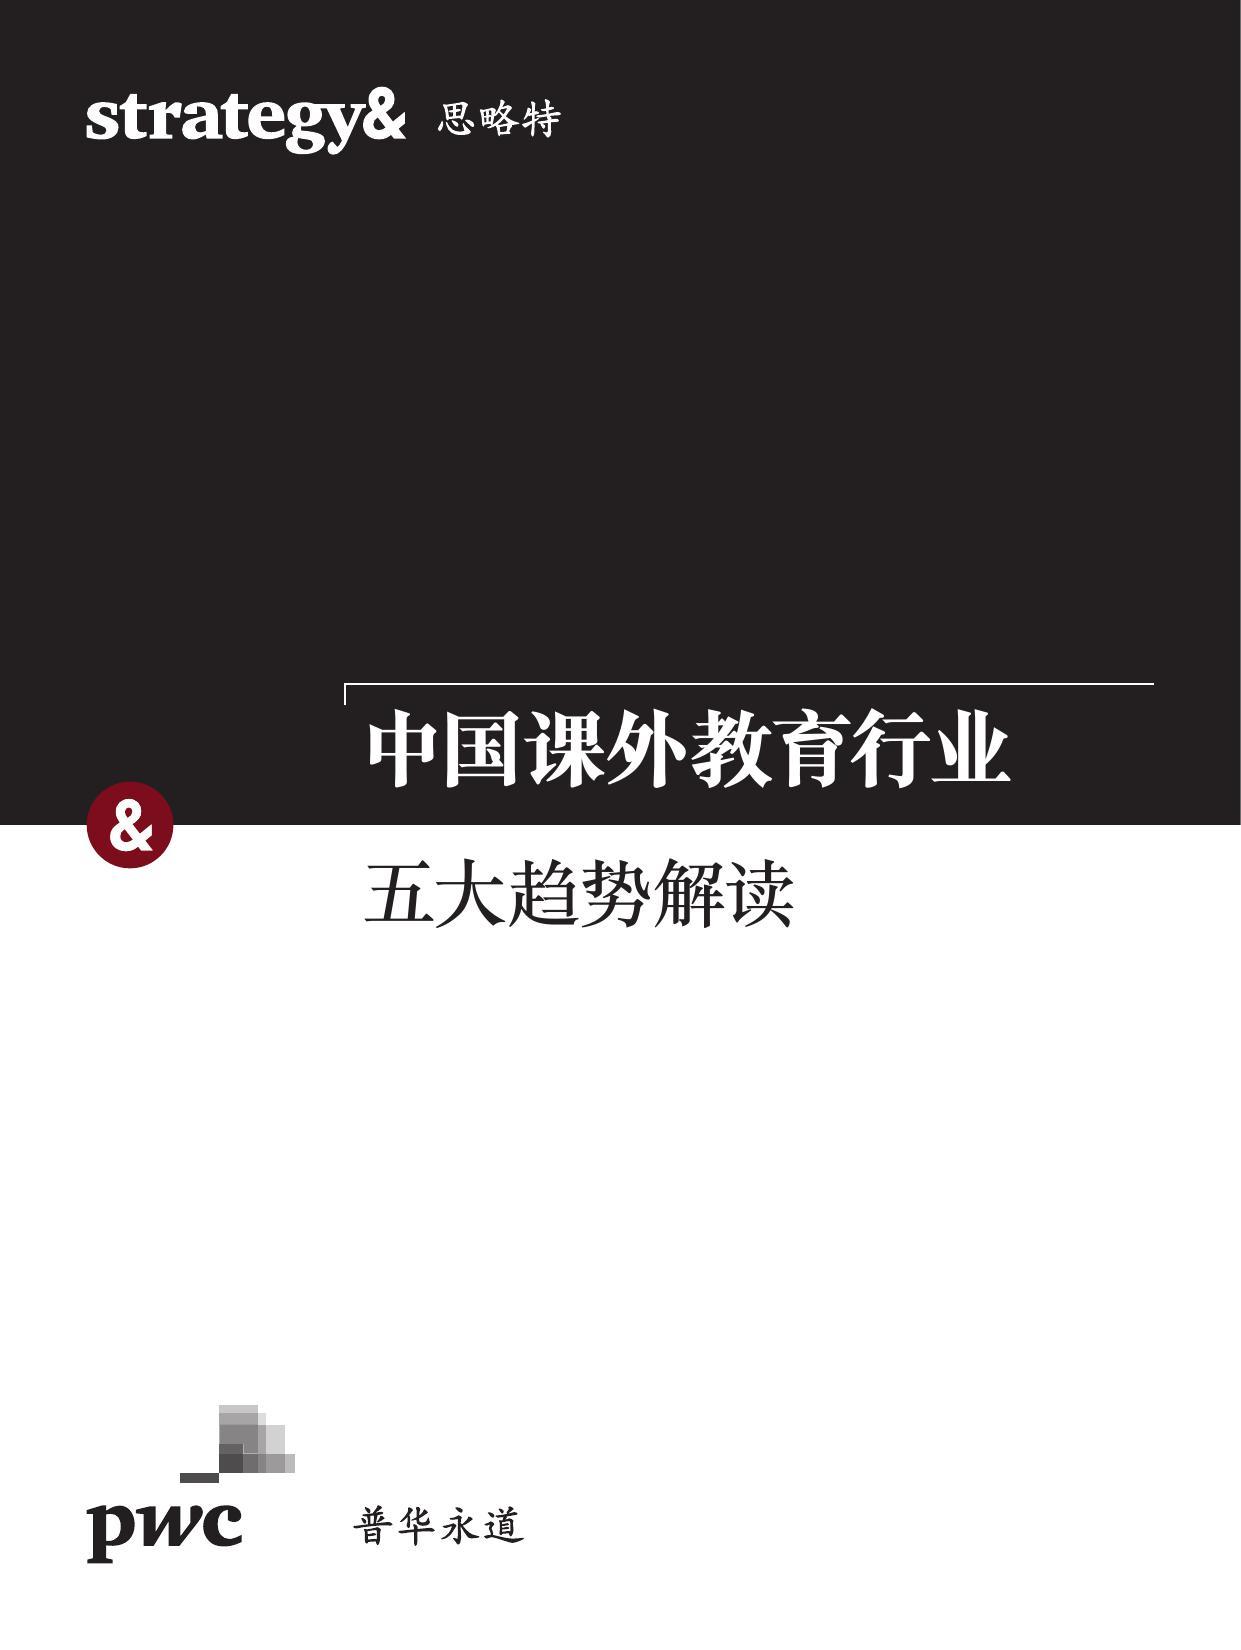 中国课外教育行业:五大趋势解读(附下载)